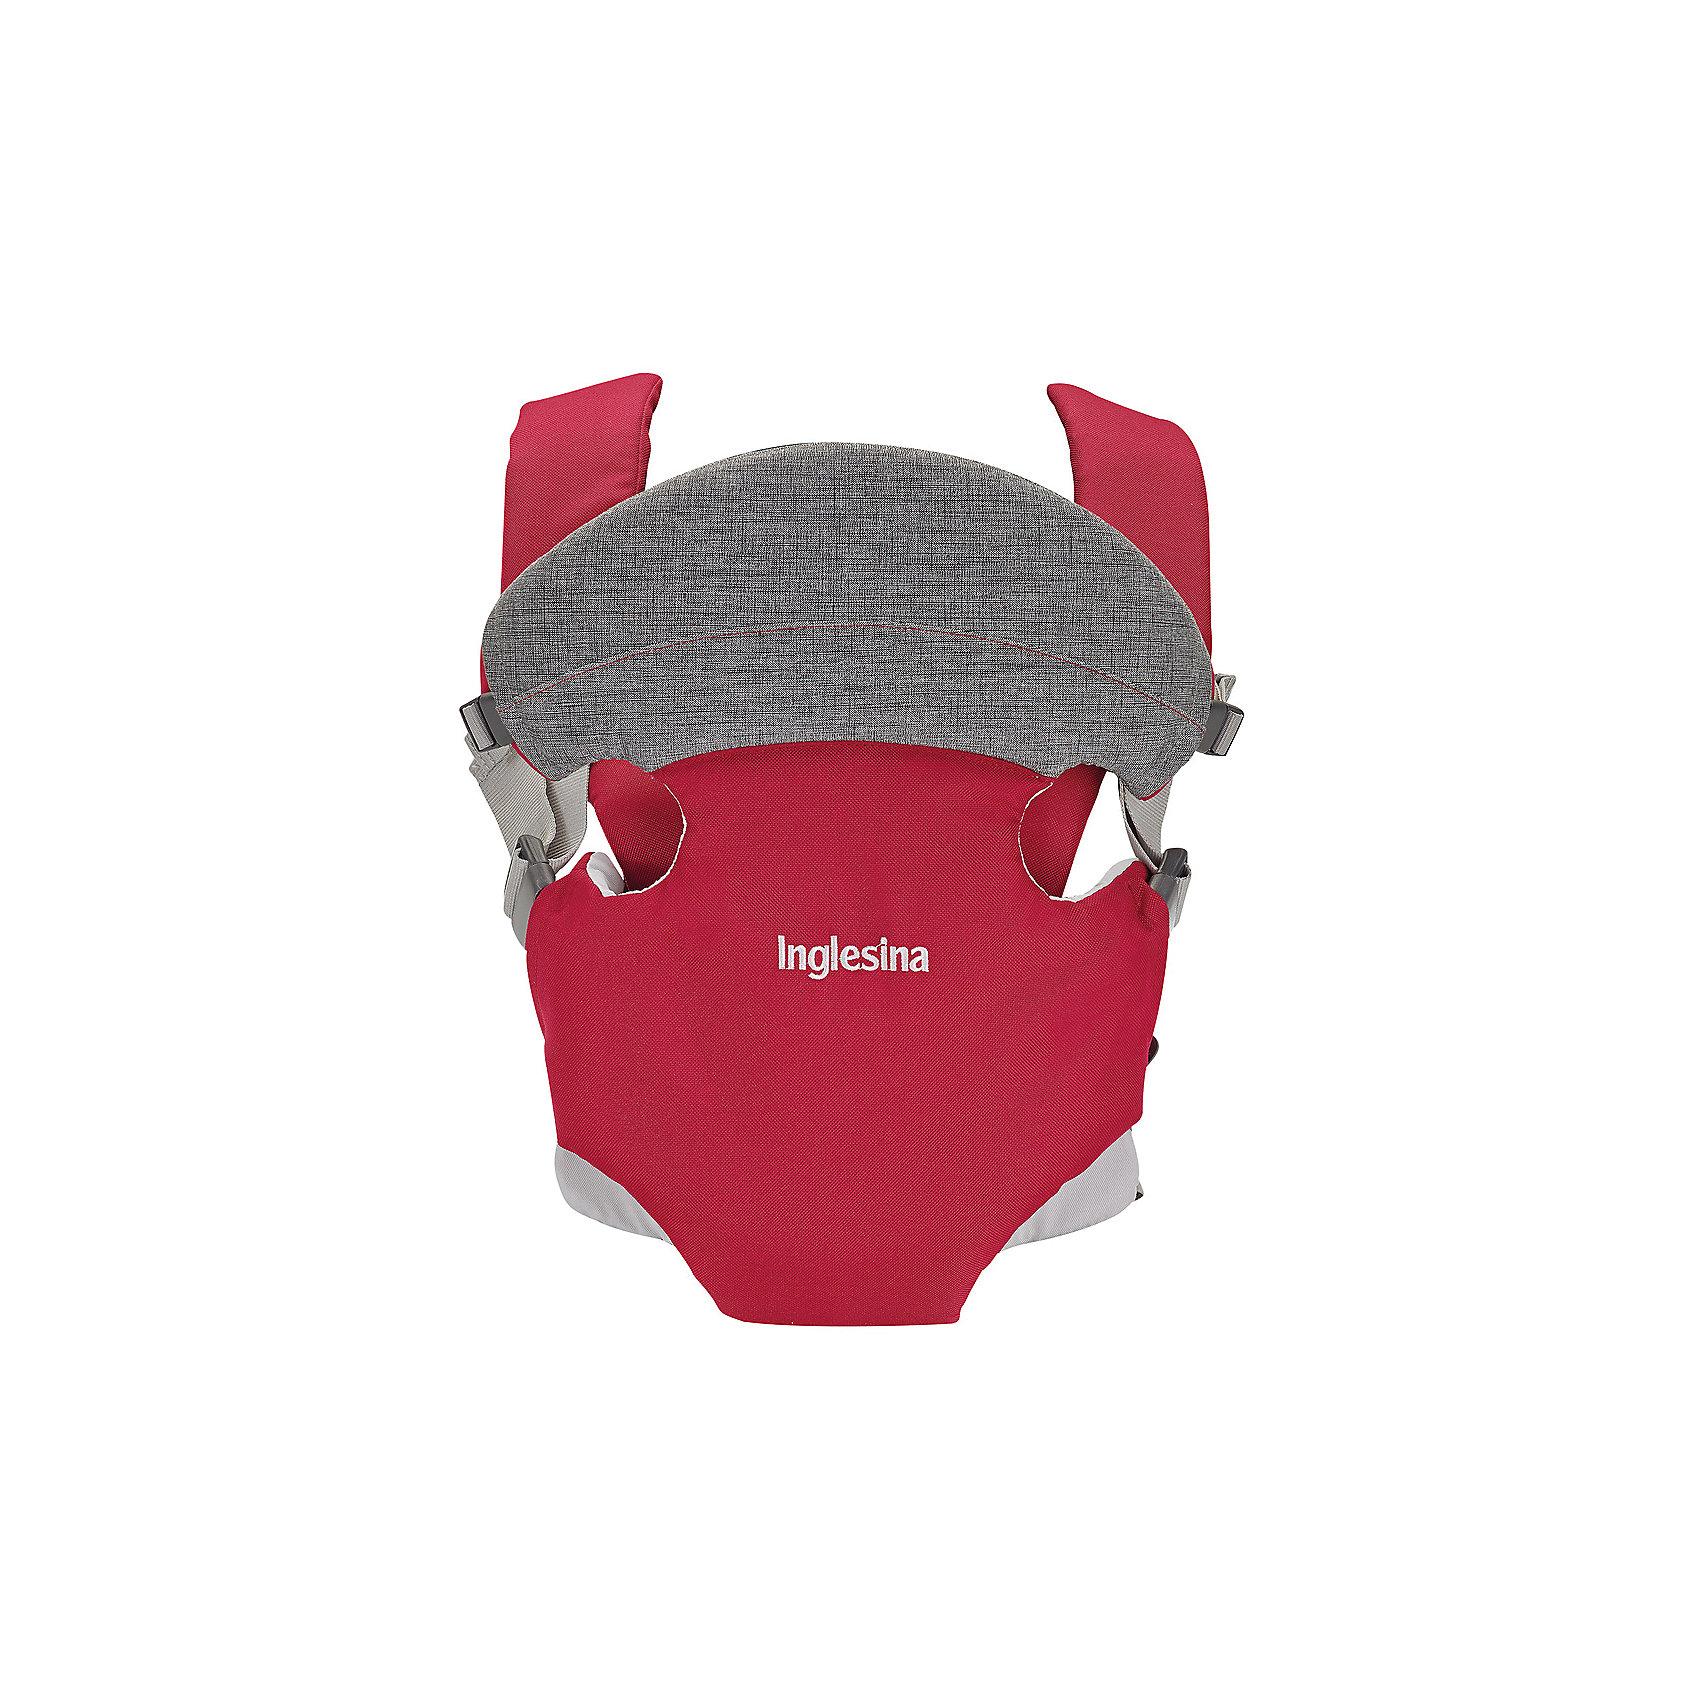 Рюкзак-кенгуру Front, Inglesina, rosso